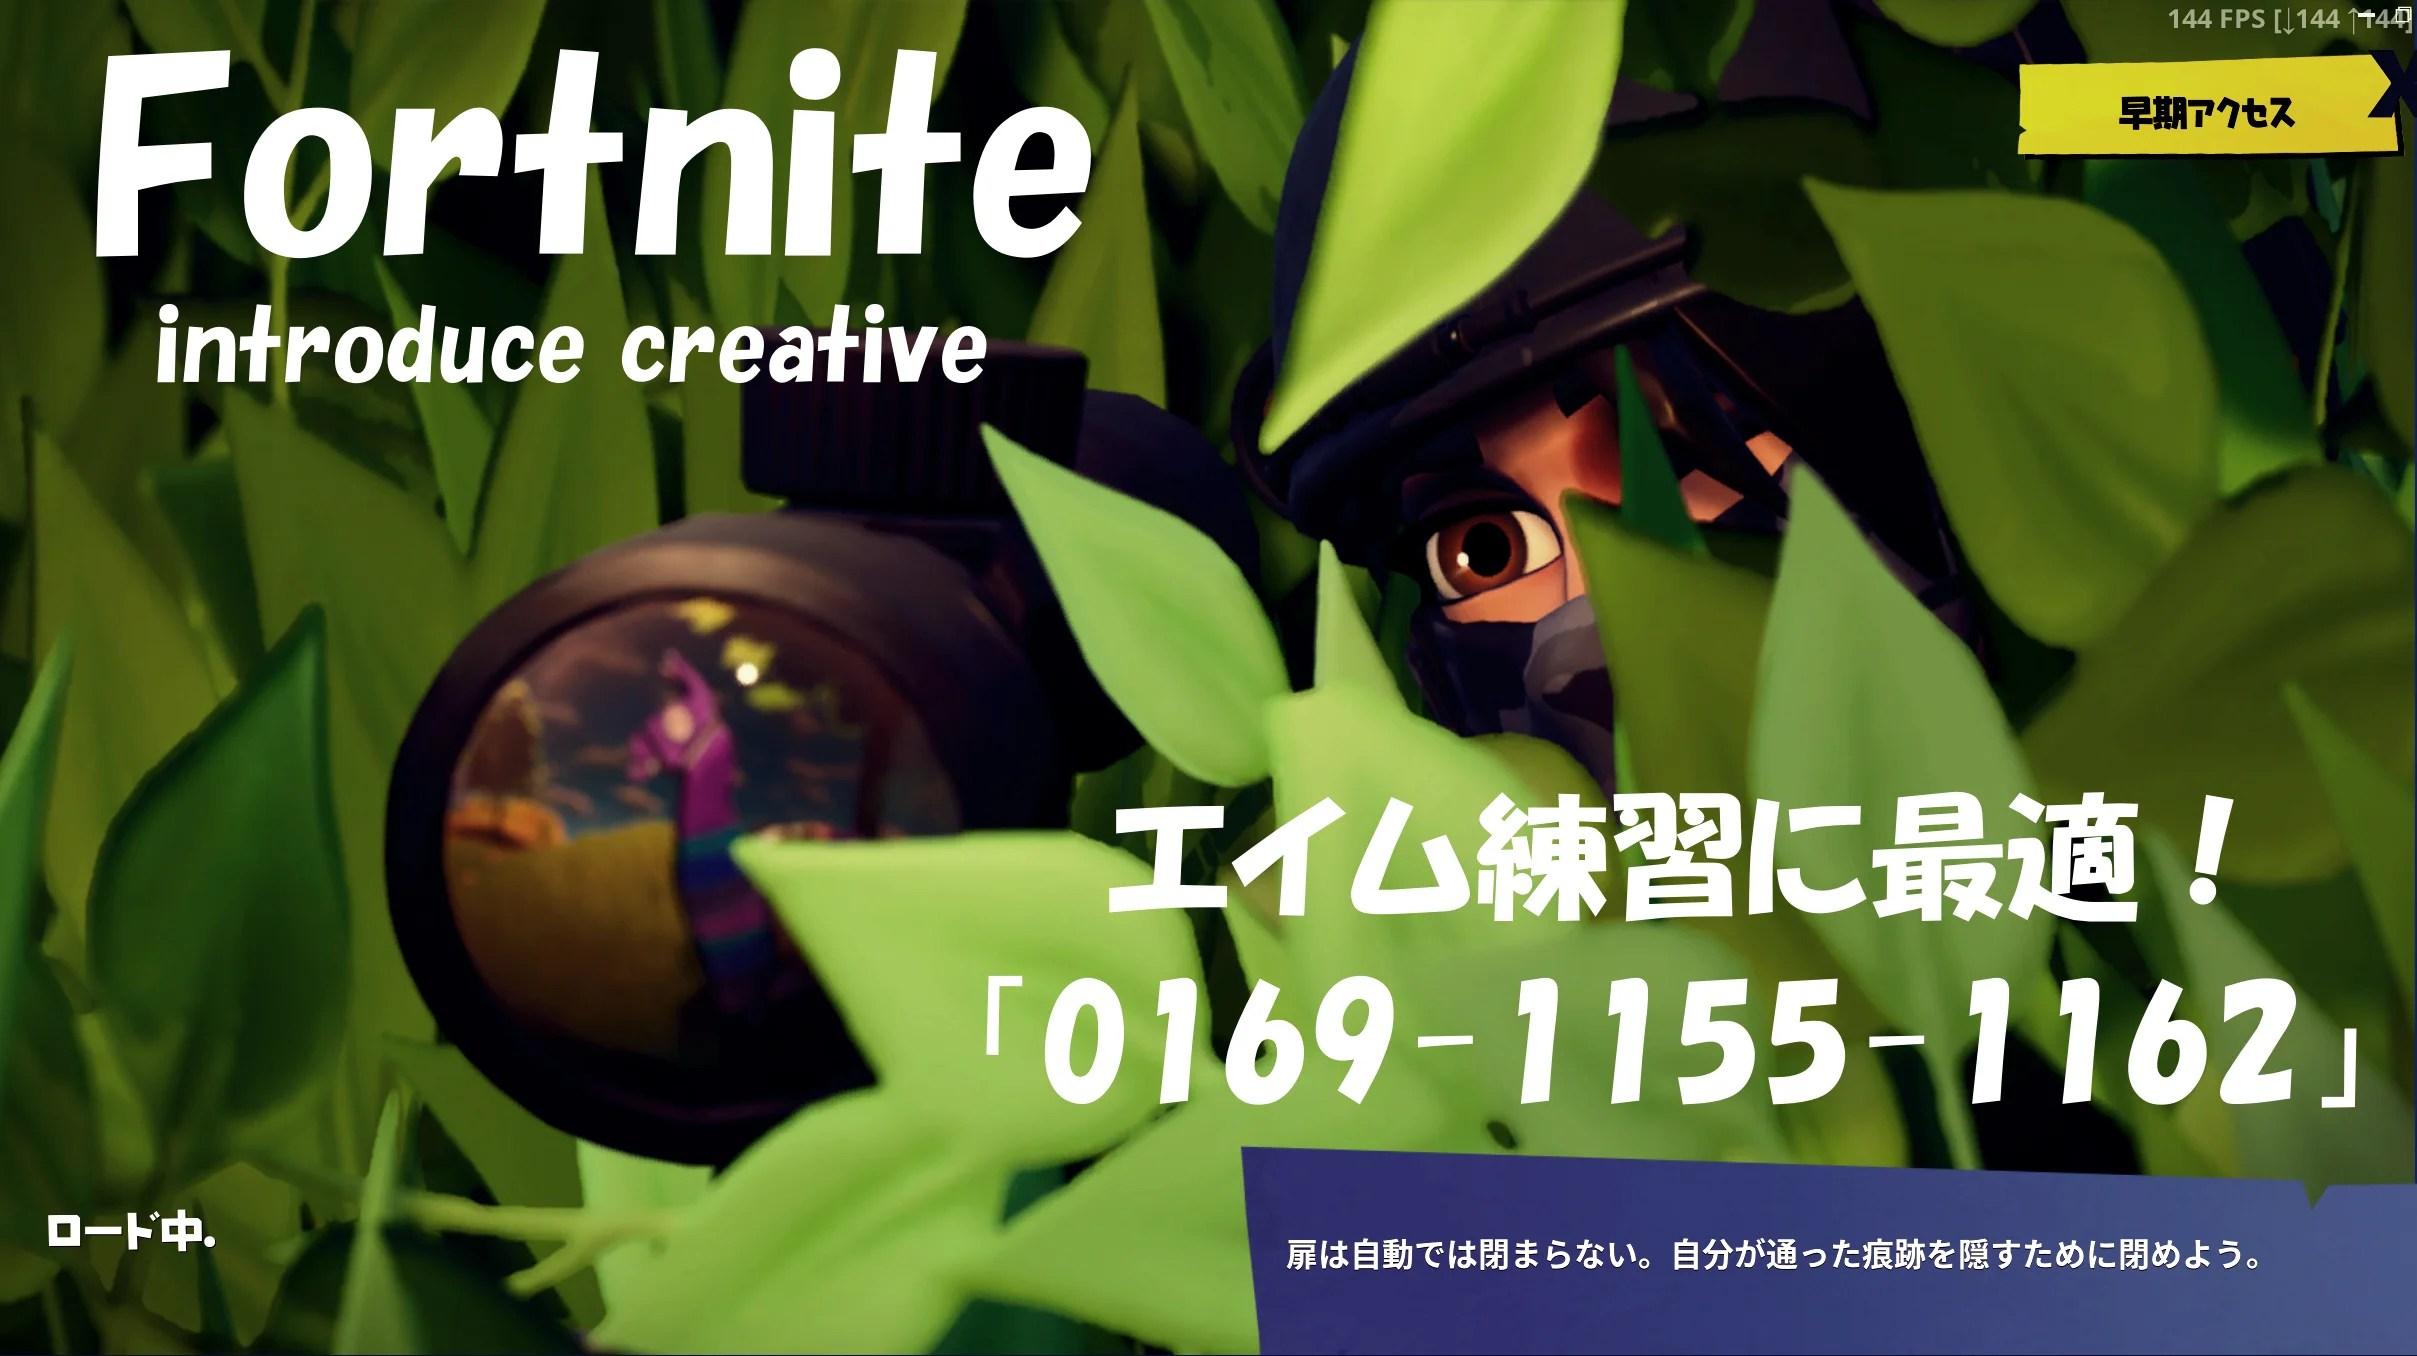 【フォートナイト】エイム練習に最適なクリエイティブコース【Fortnite】